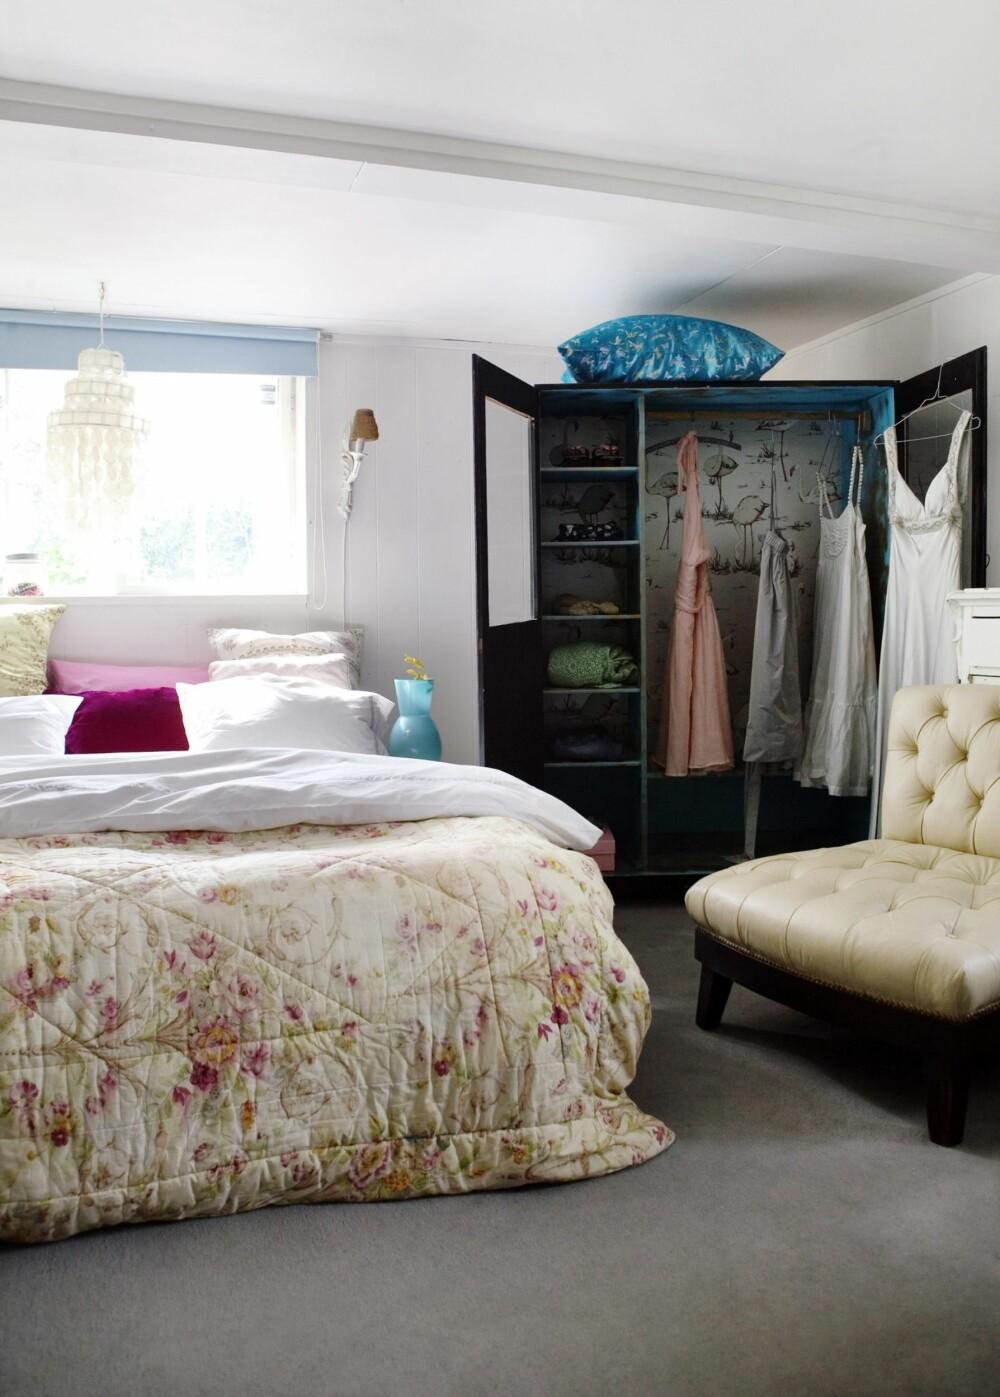 HOTELLSTEMNING: Et sengeteppe, koselige tekstiler og fine puter gir rommet hotellstemning.